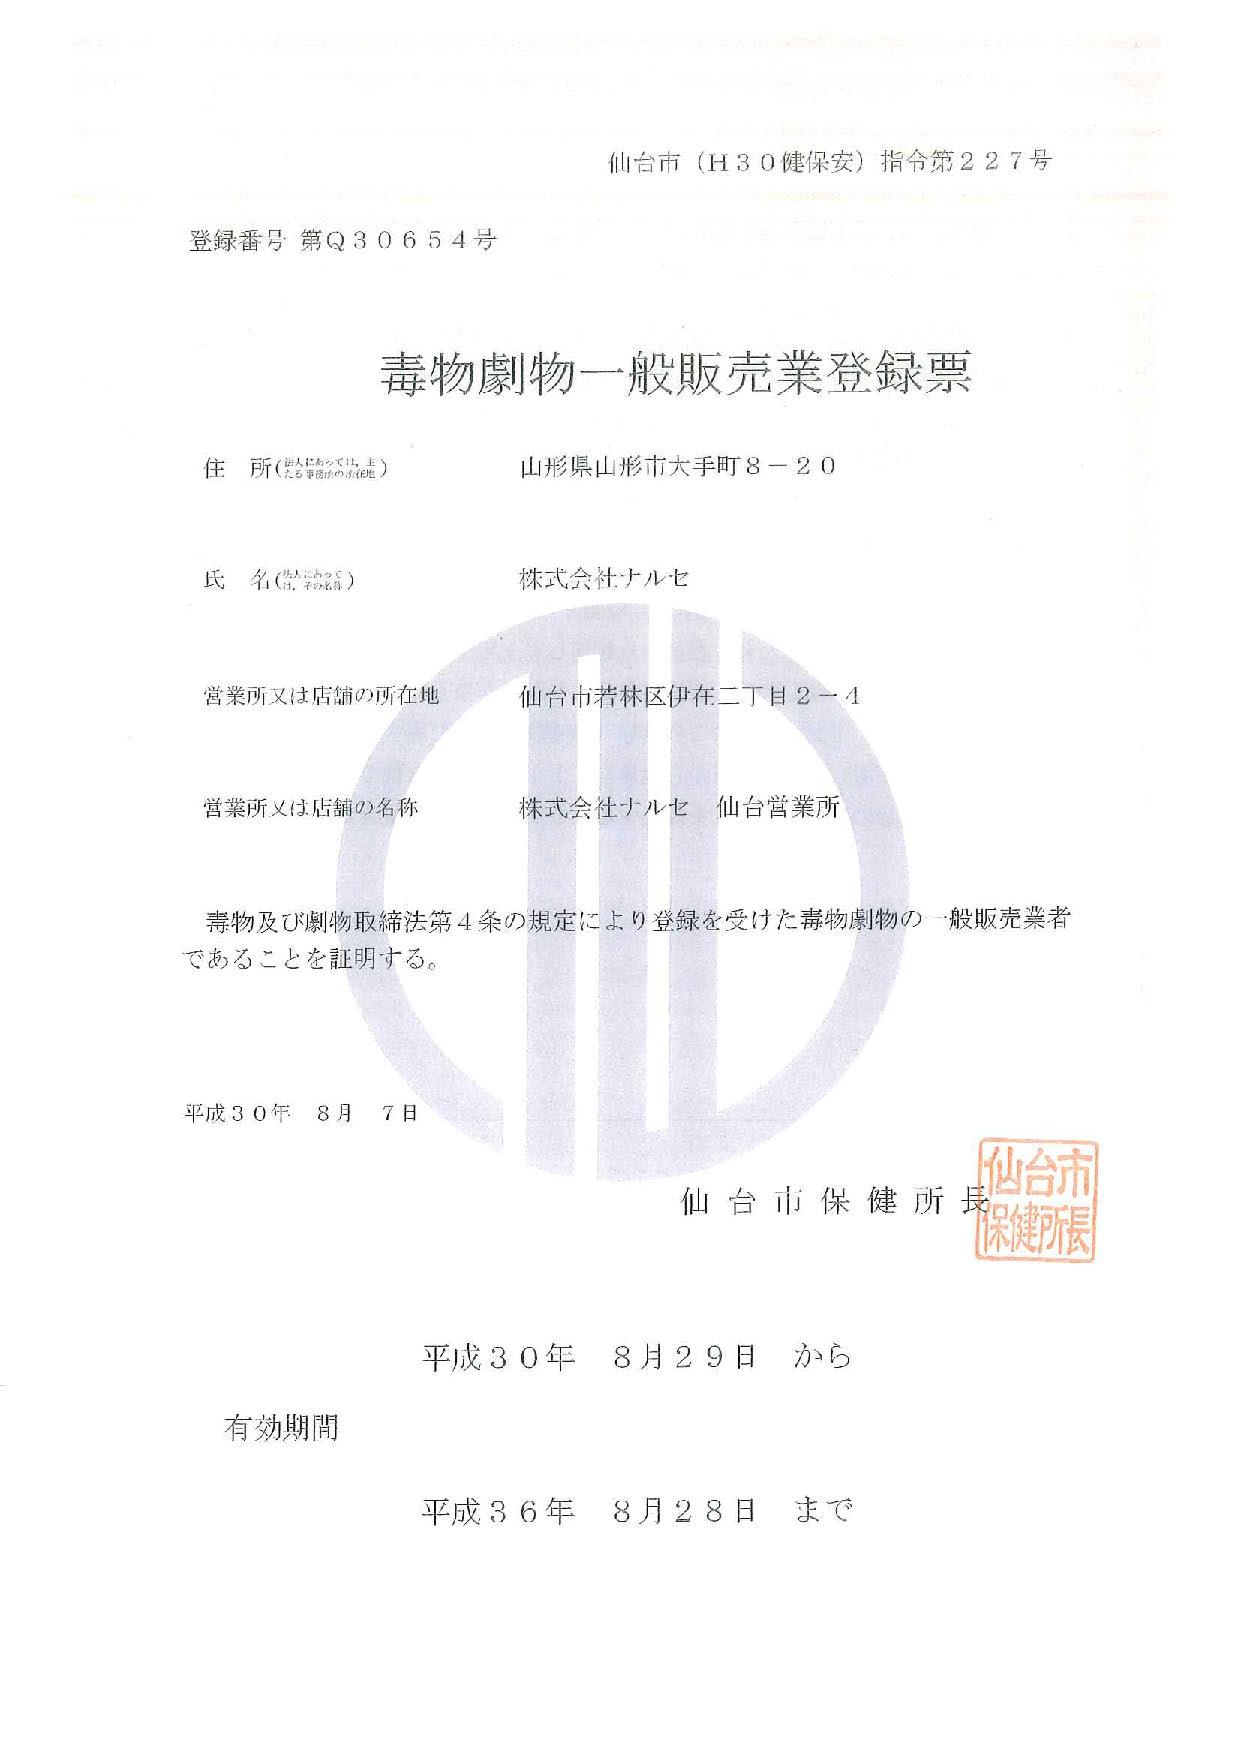 毒物劇物一般販売業登録票 仙台市保健所長第Q30654号